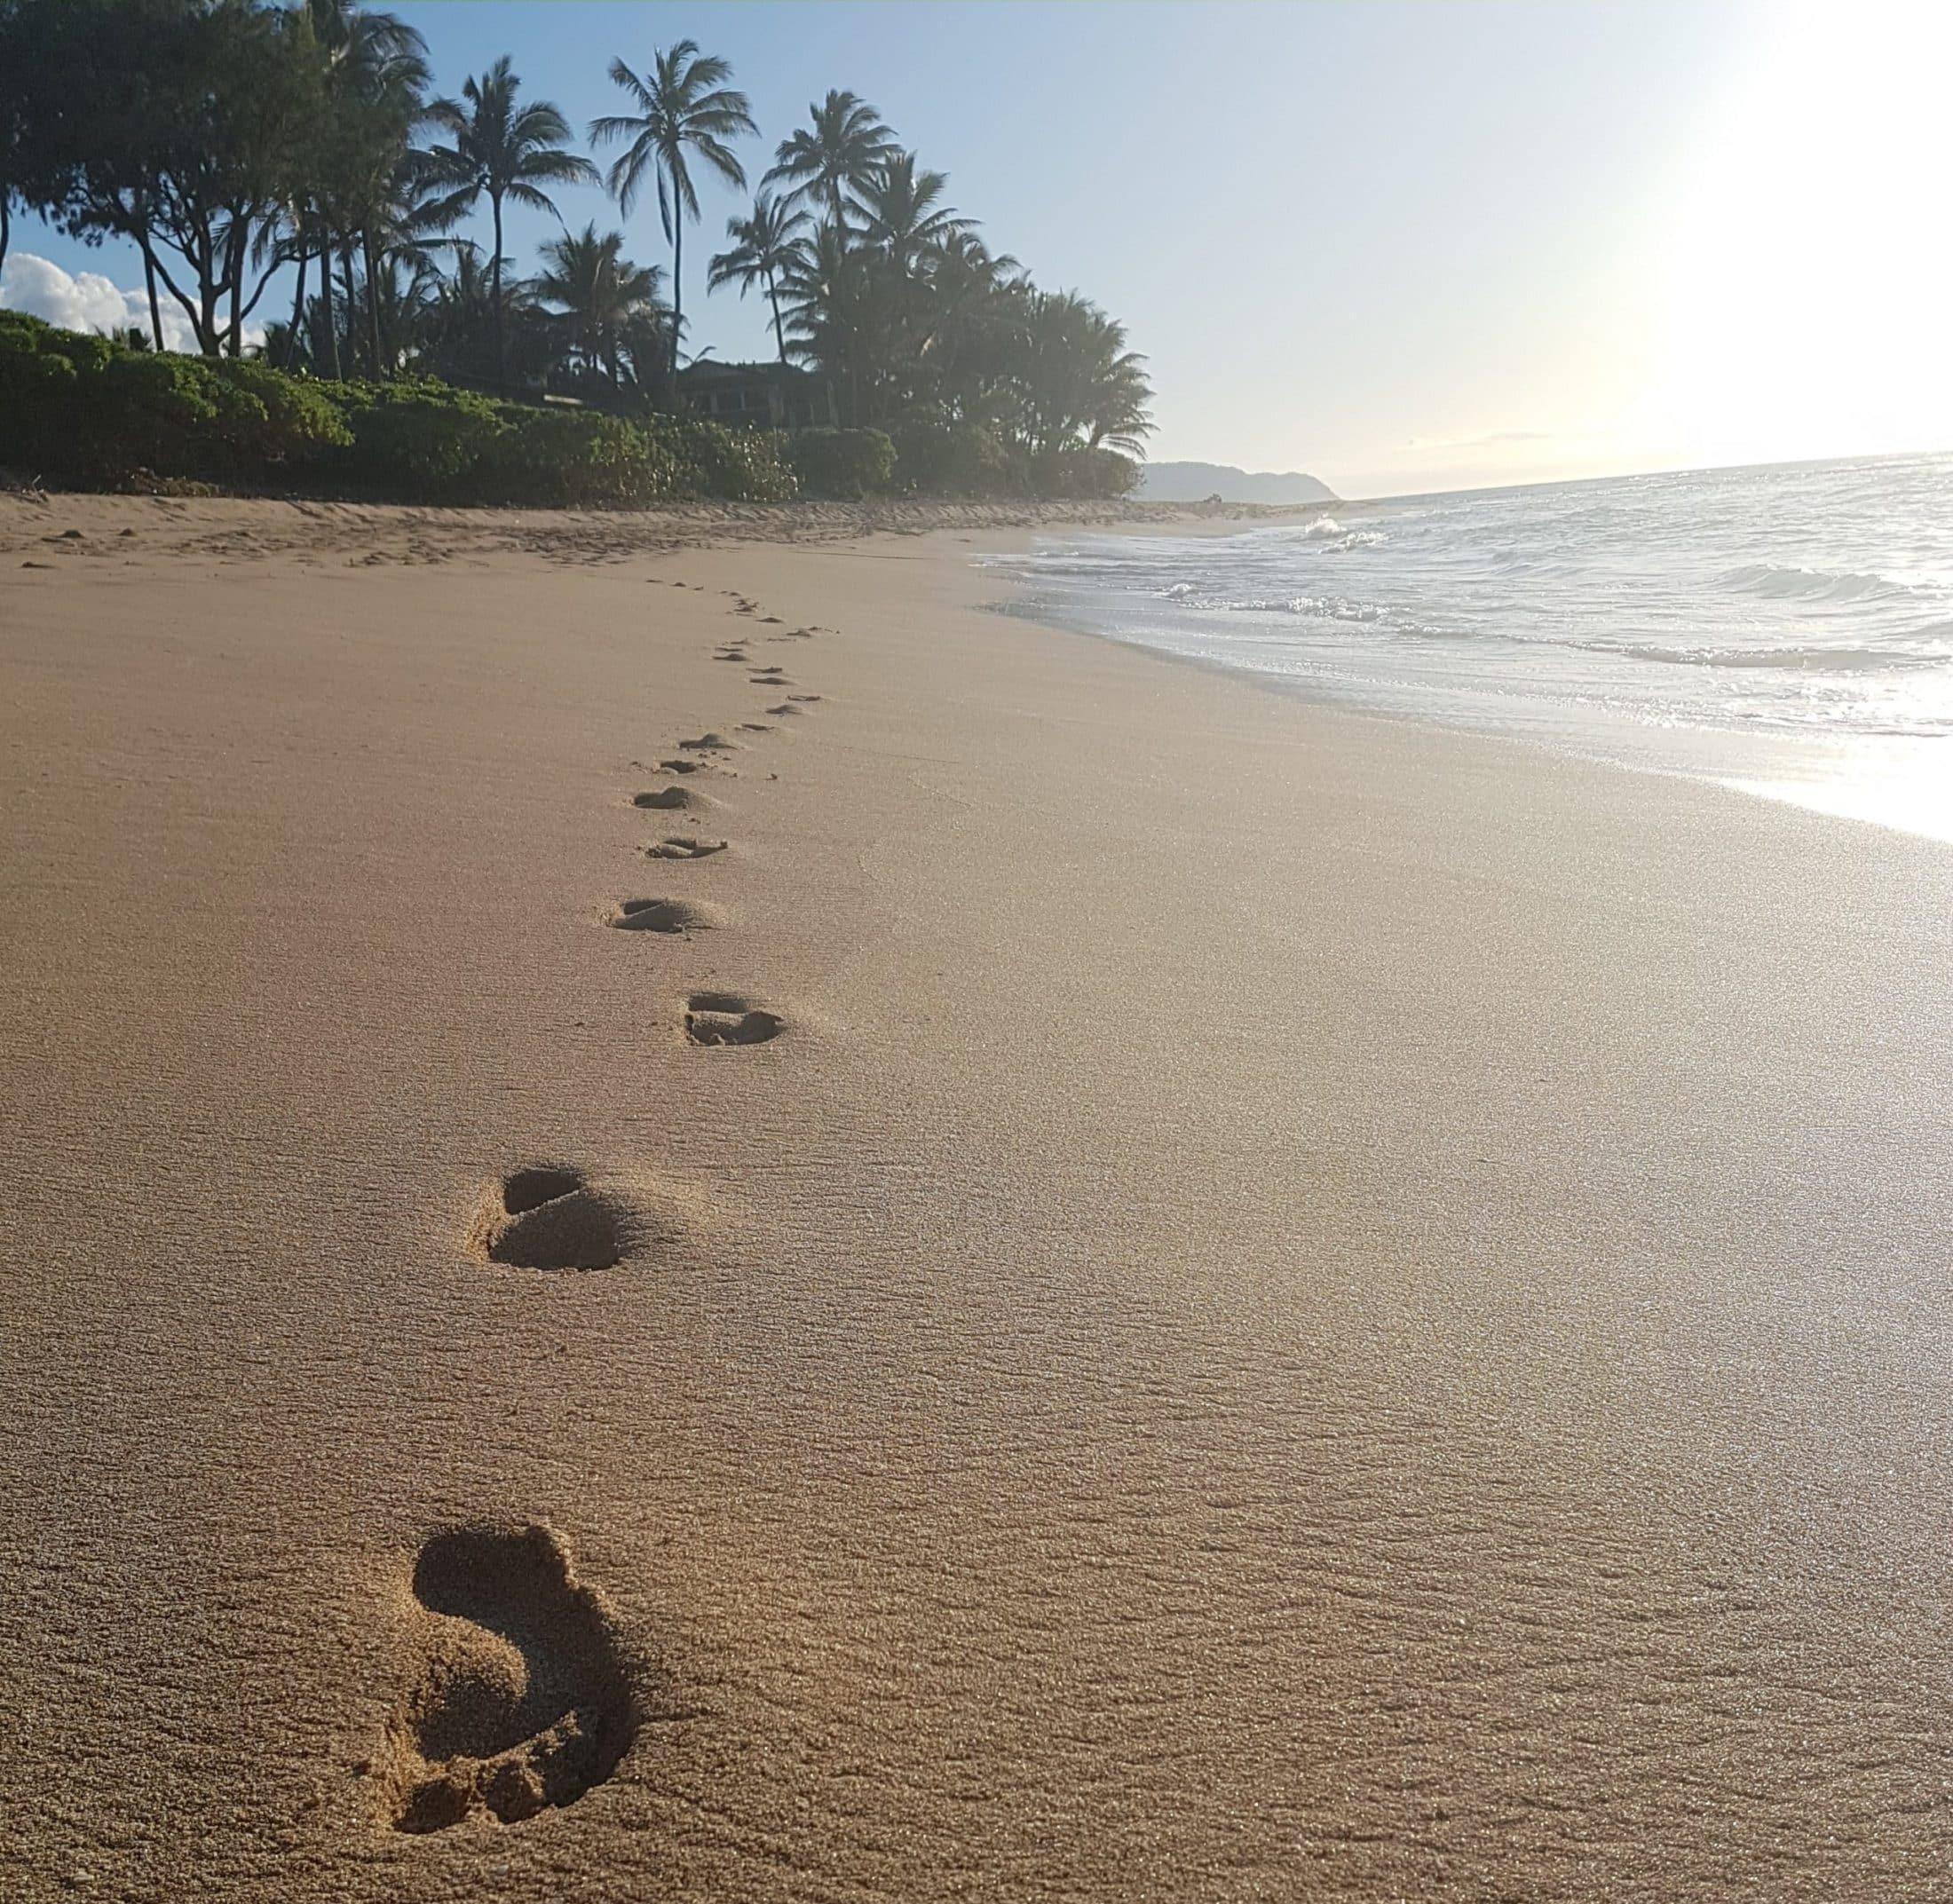 Fußspuren am Sand